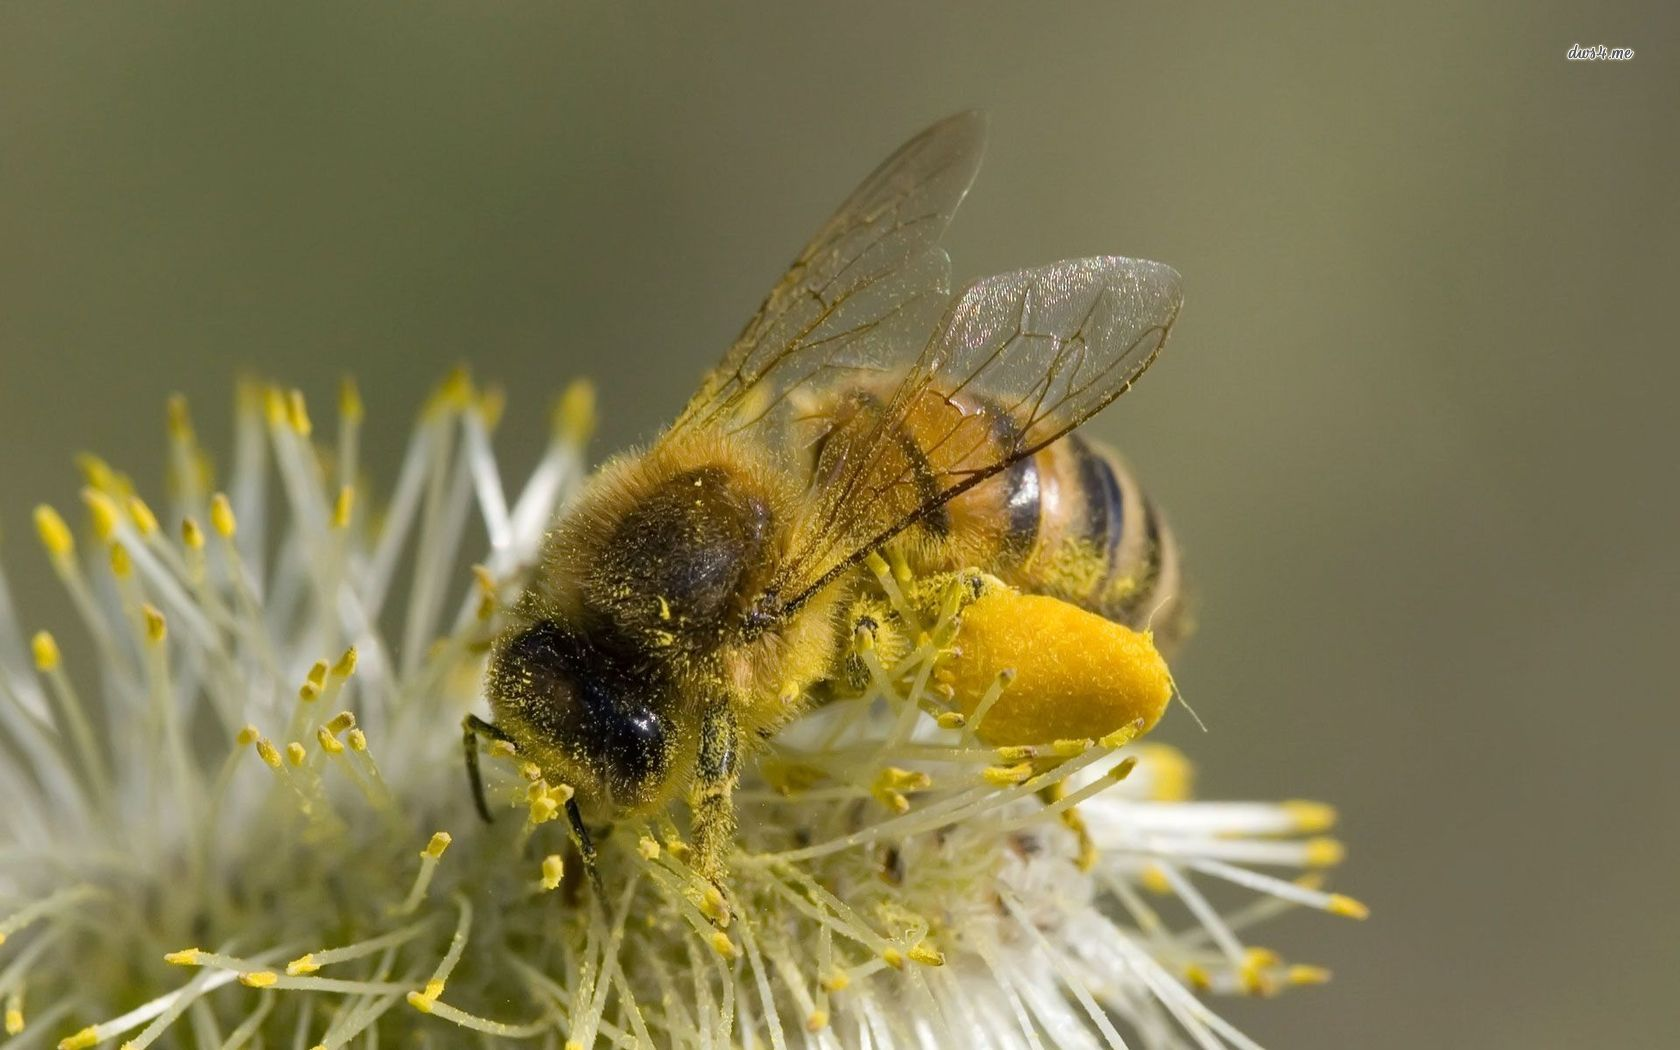 Honey Bee wallpaper   Animal wallpapers   7071 1680x1050